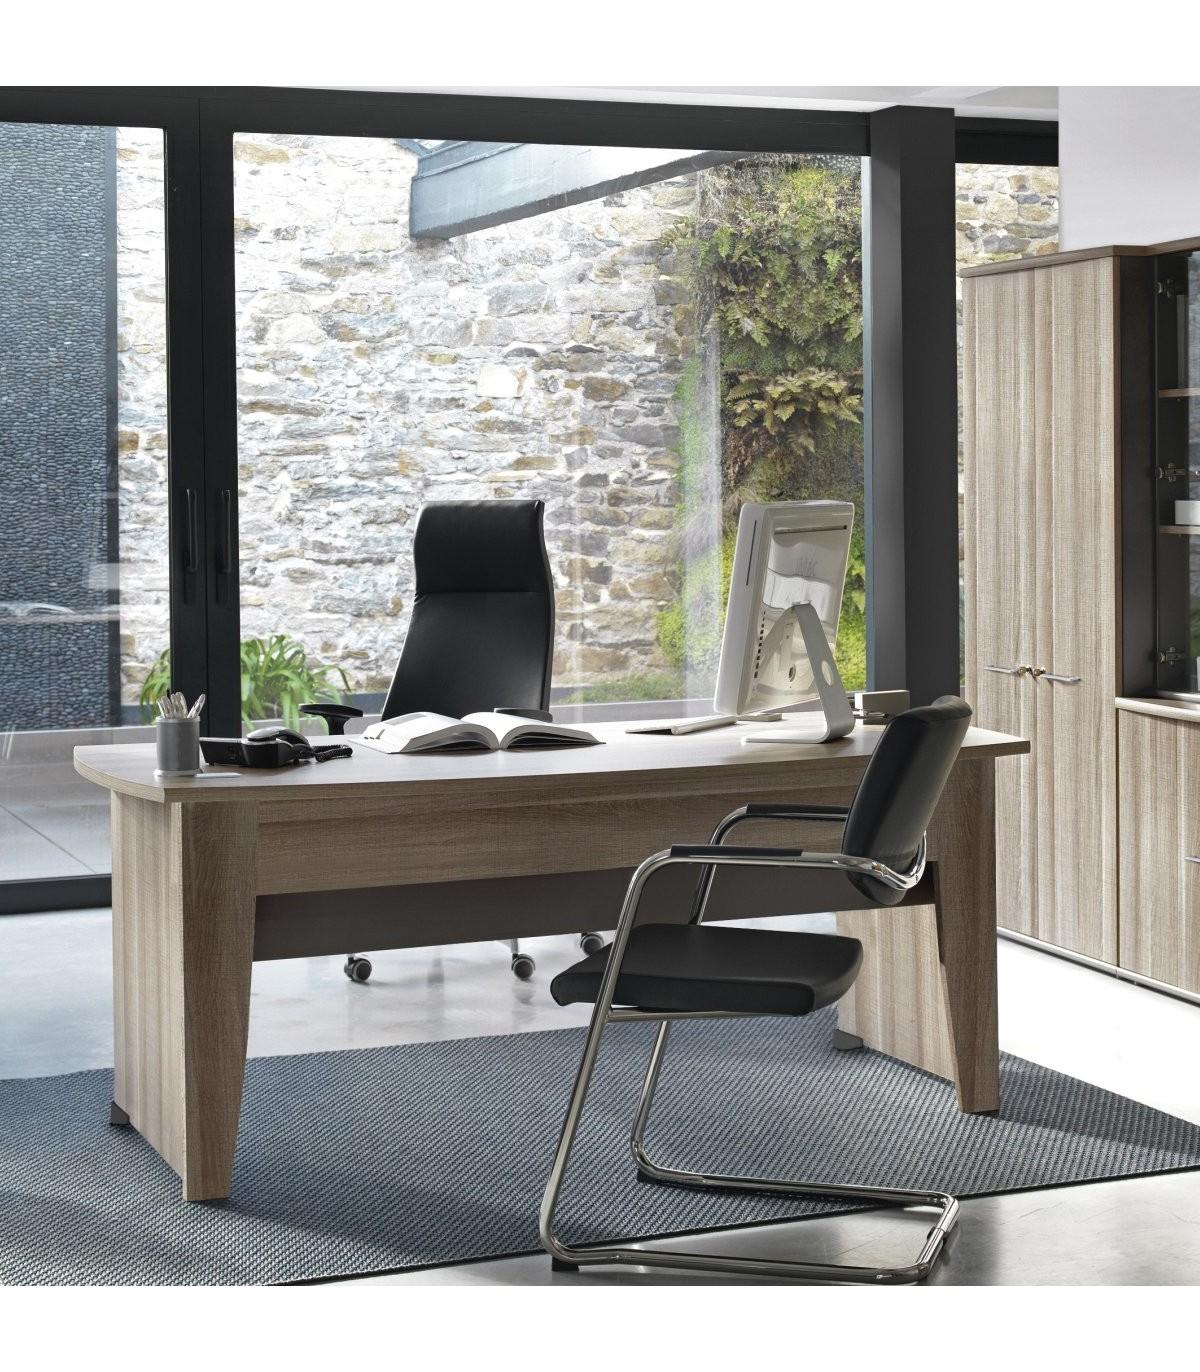 Bureau style industriel grande surface - Marron